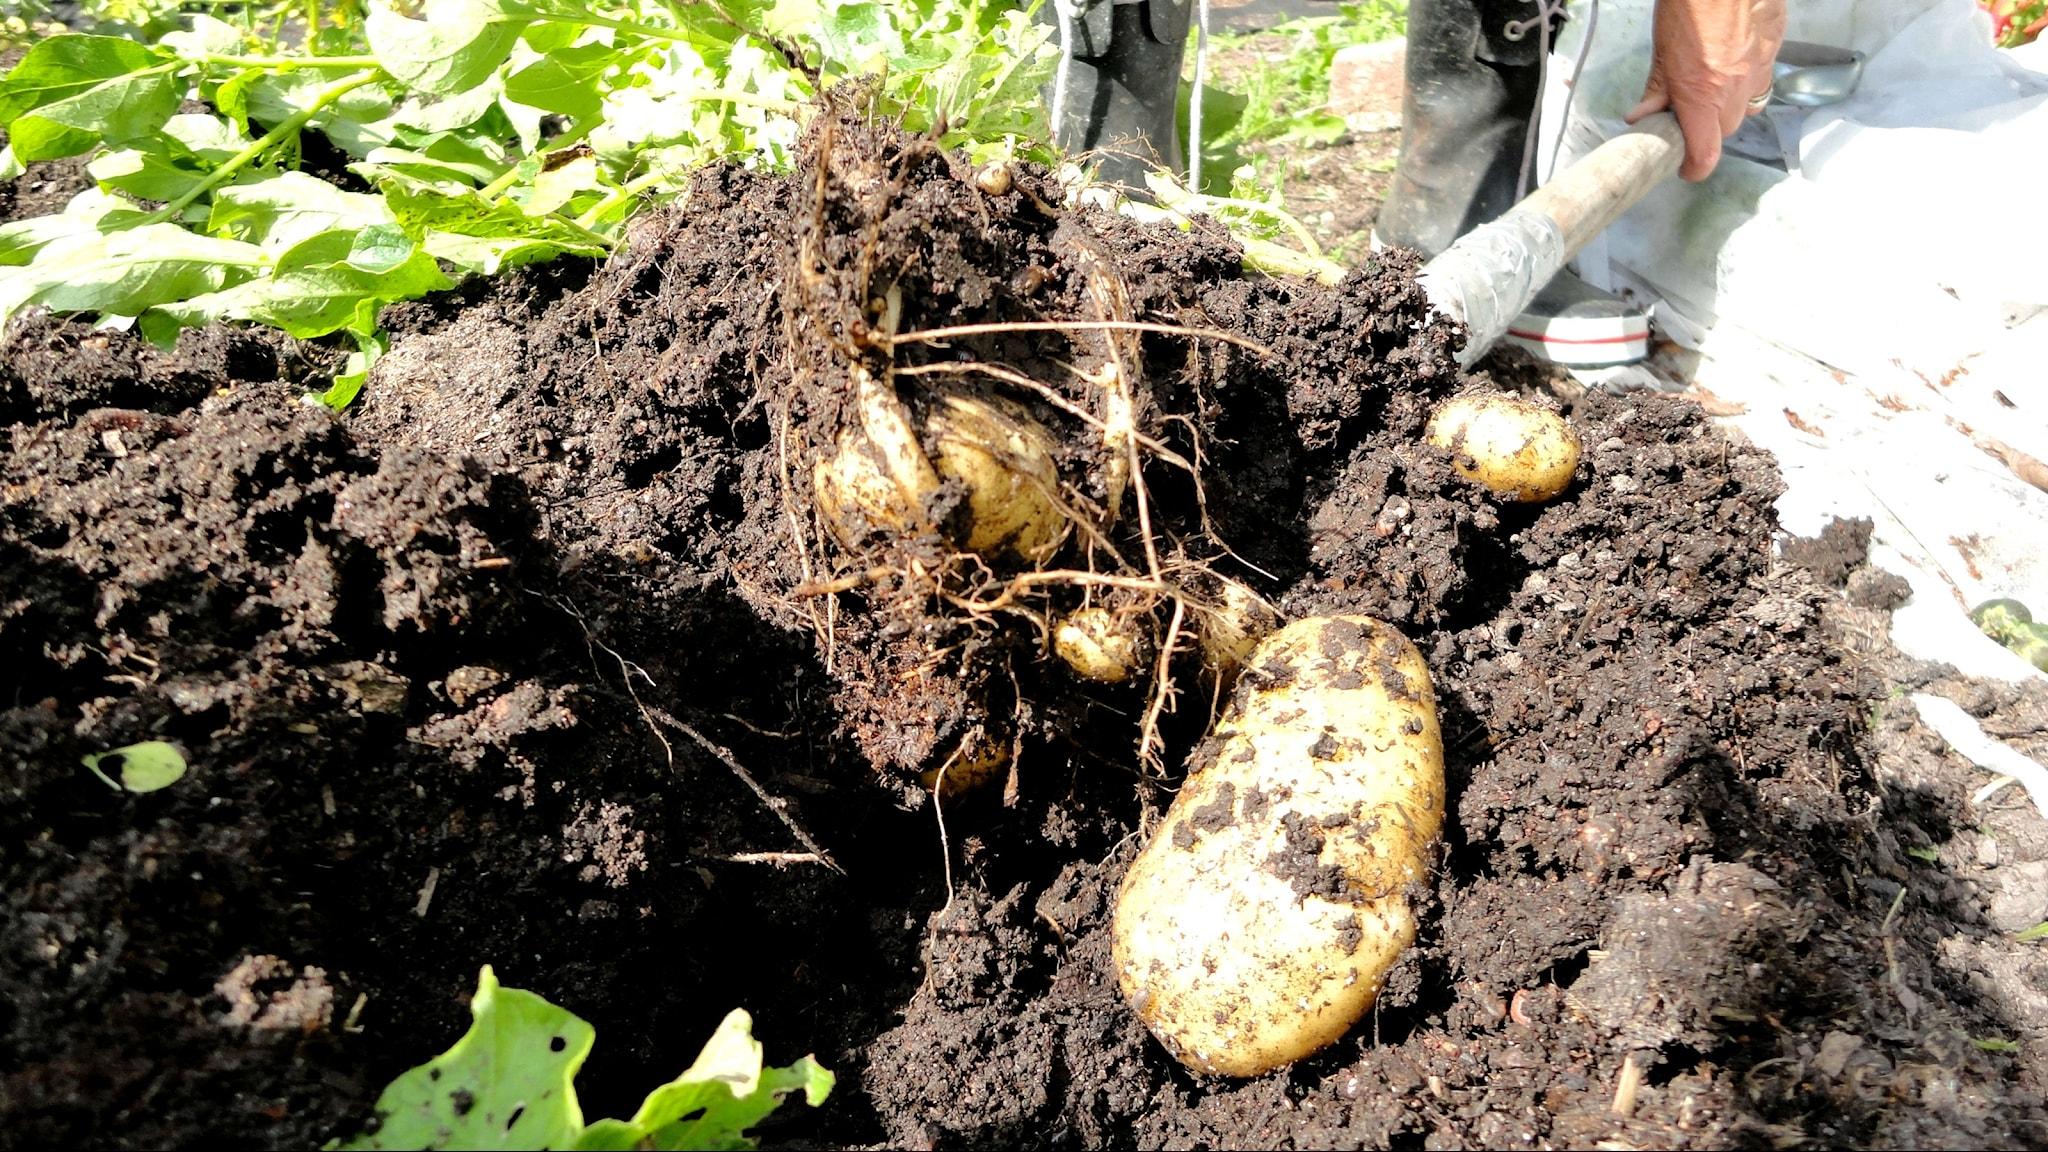 Potatisfrukter, rengöring av redskap och radiohistoria - spela